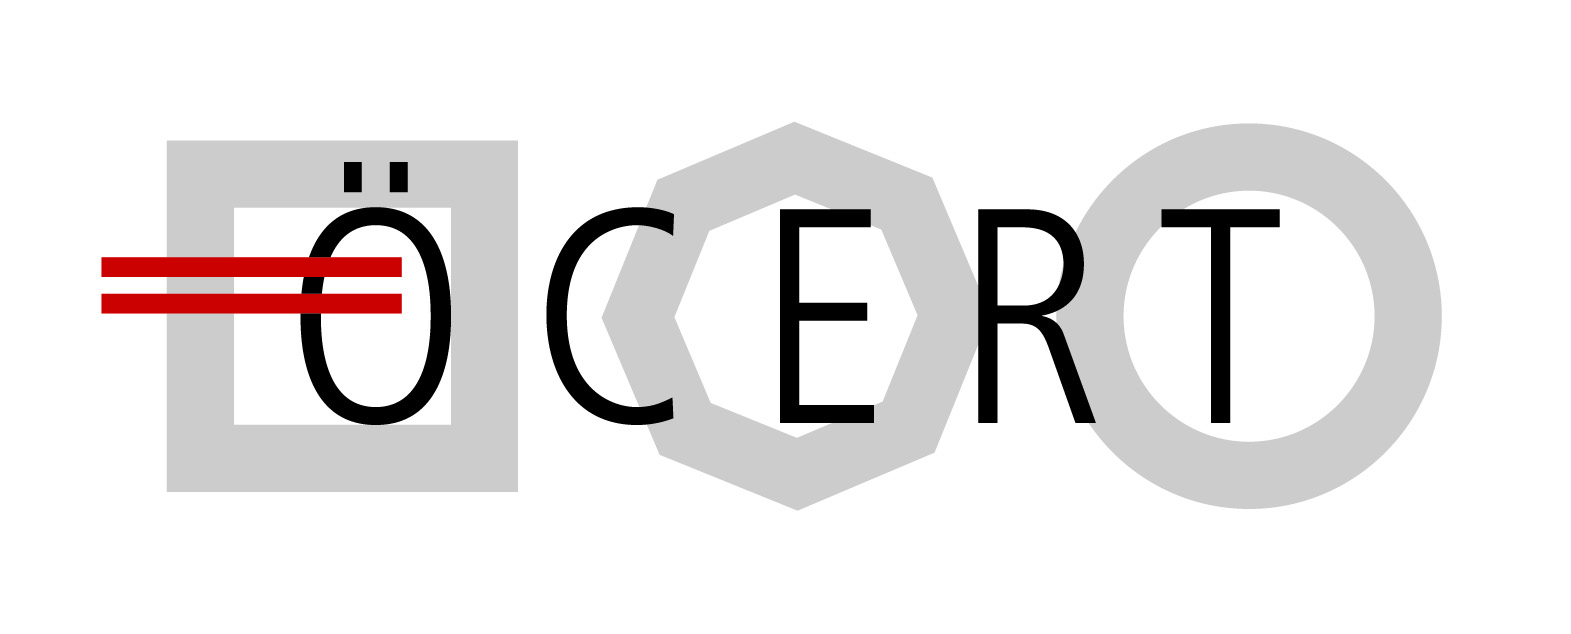 ÖCERT Logo